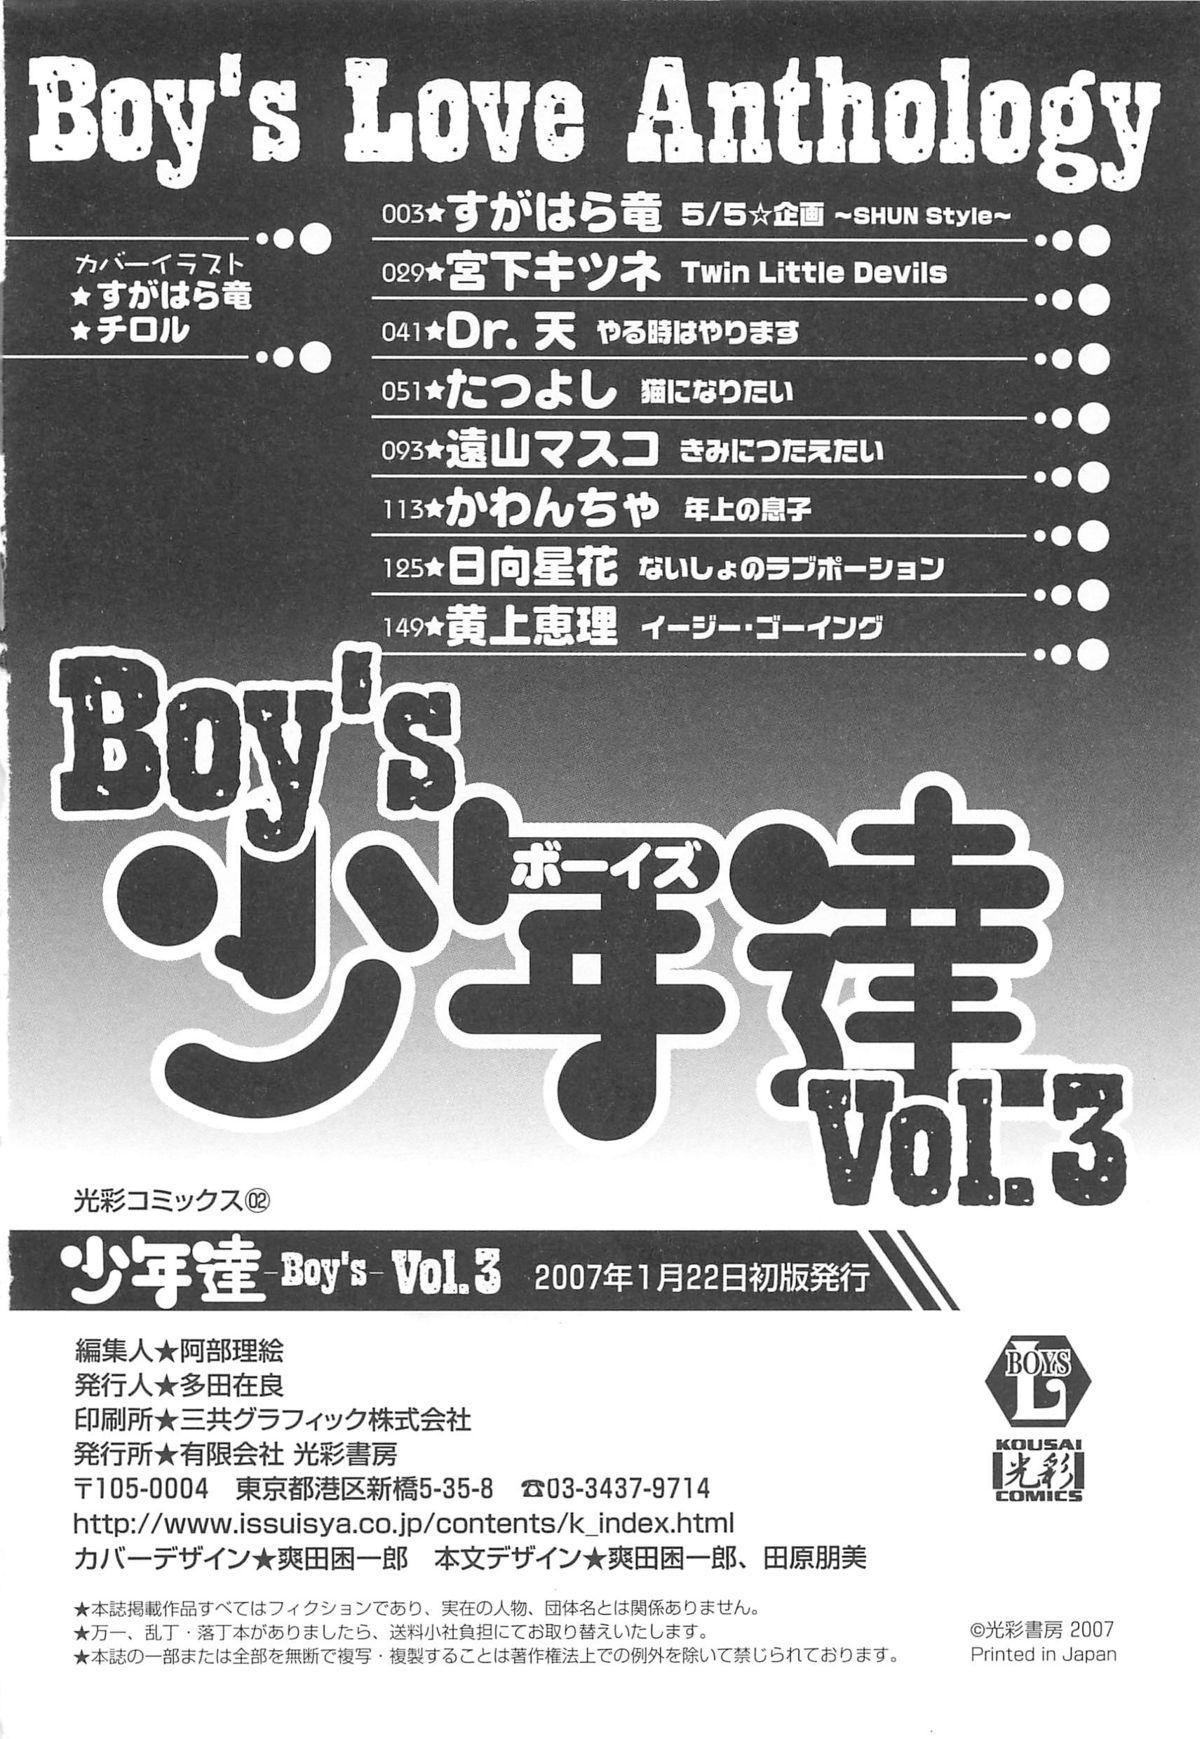 少年達 Vol3 180